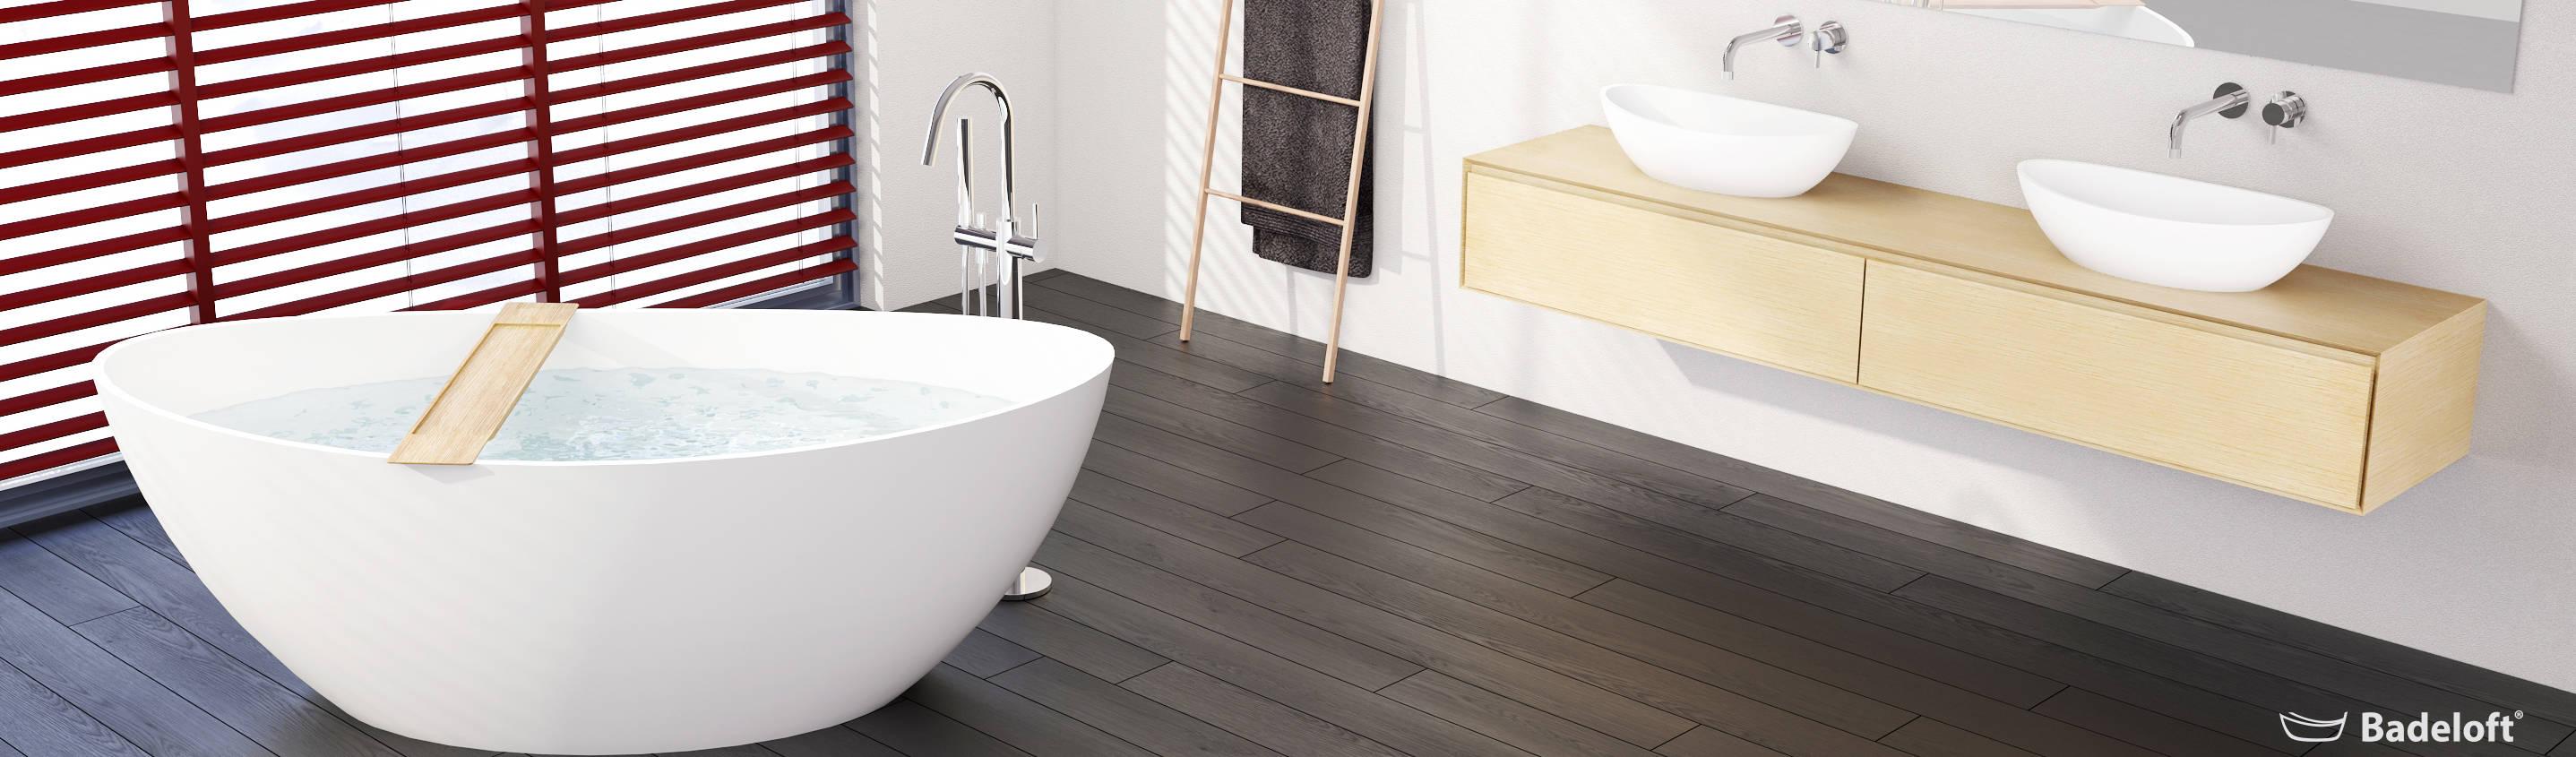 Badeloft – Badewannen und Waschbecken aus Mineralguss und Marmor